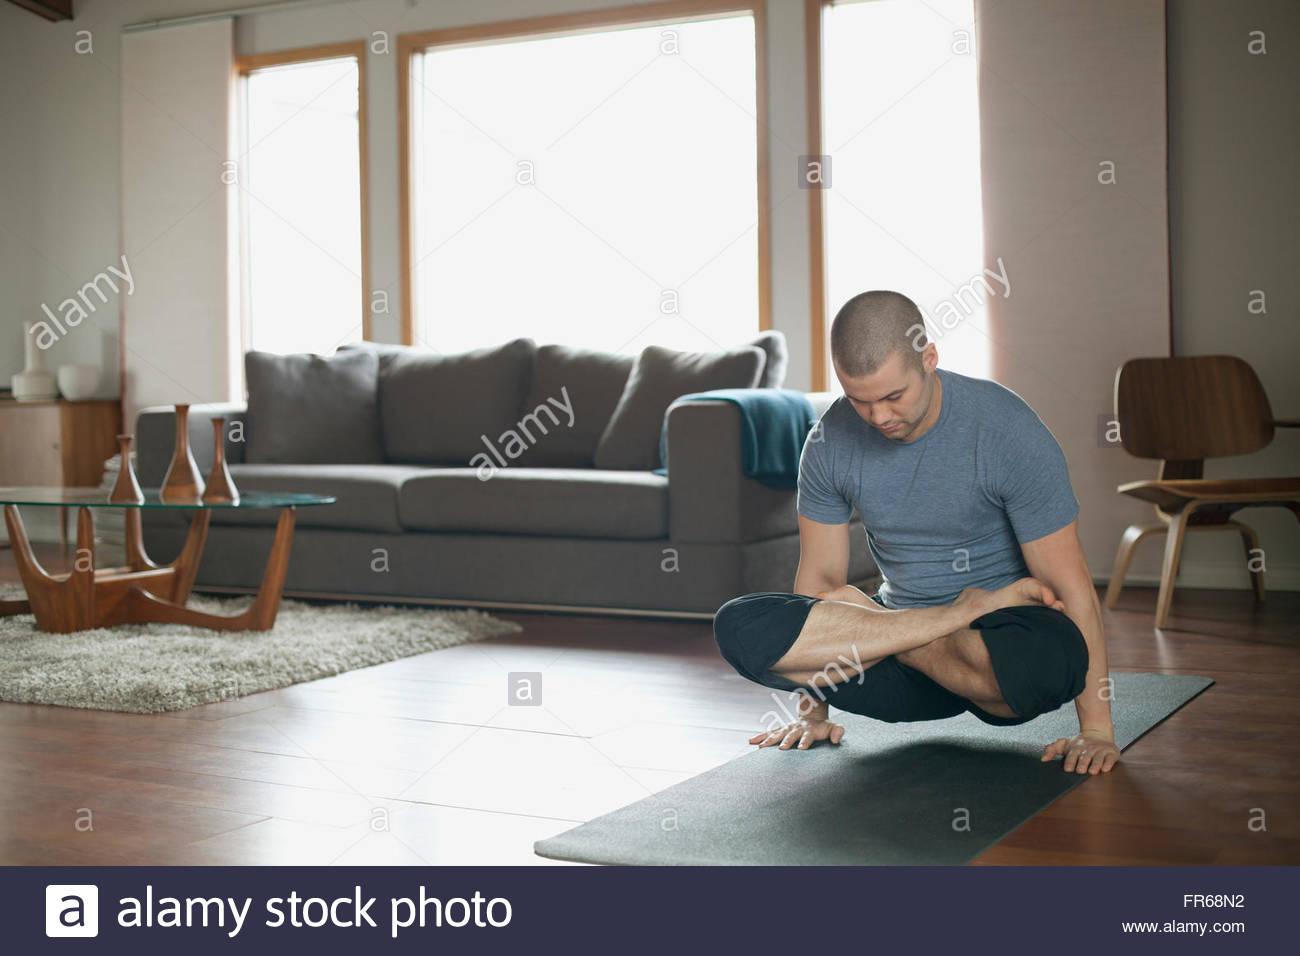 Hombre haciendo yoga plantea en casaFoto de stock